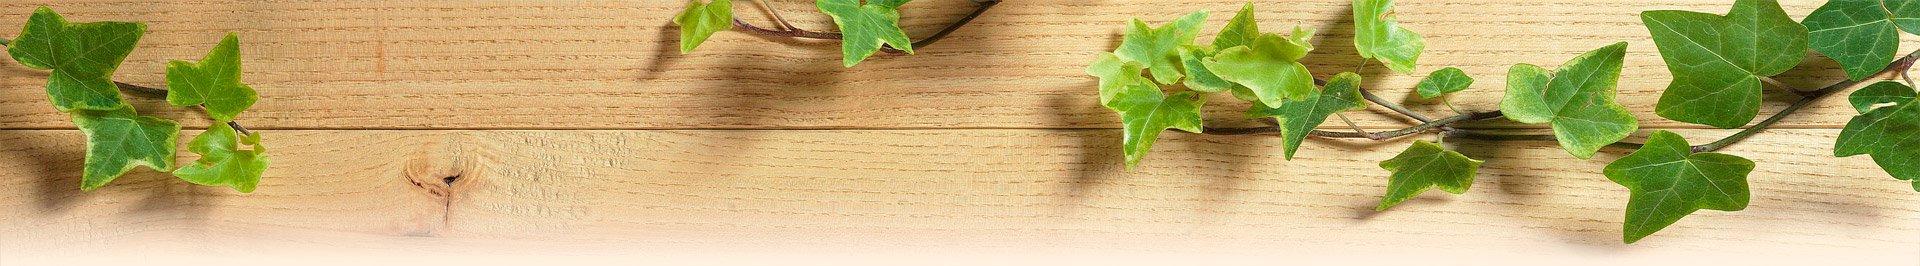 Отделочные материалы для бани и сауны